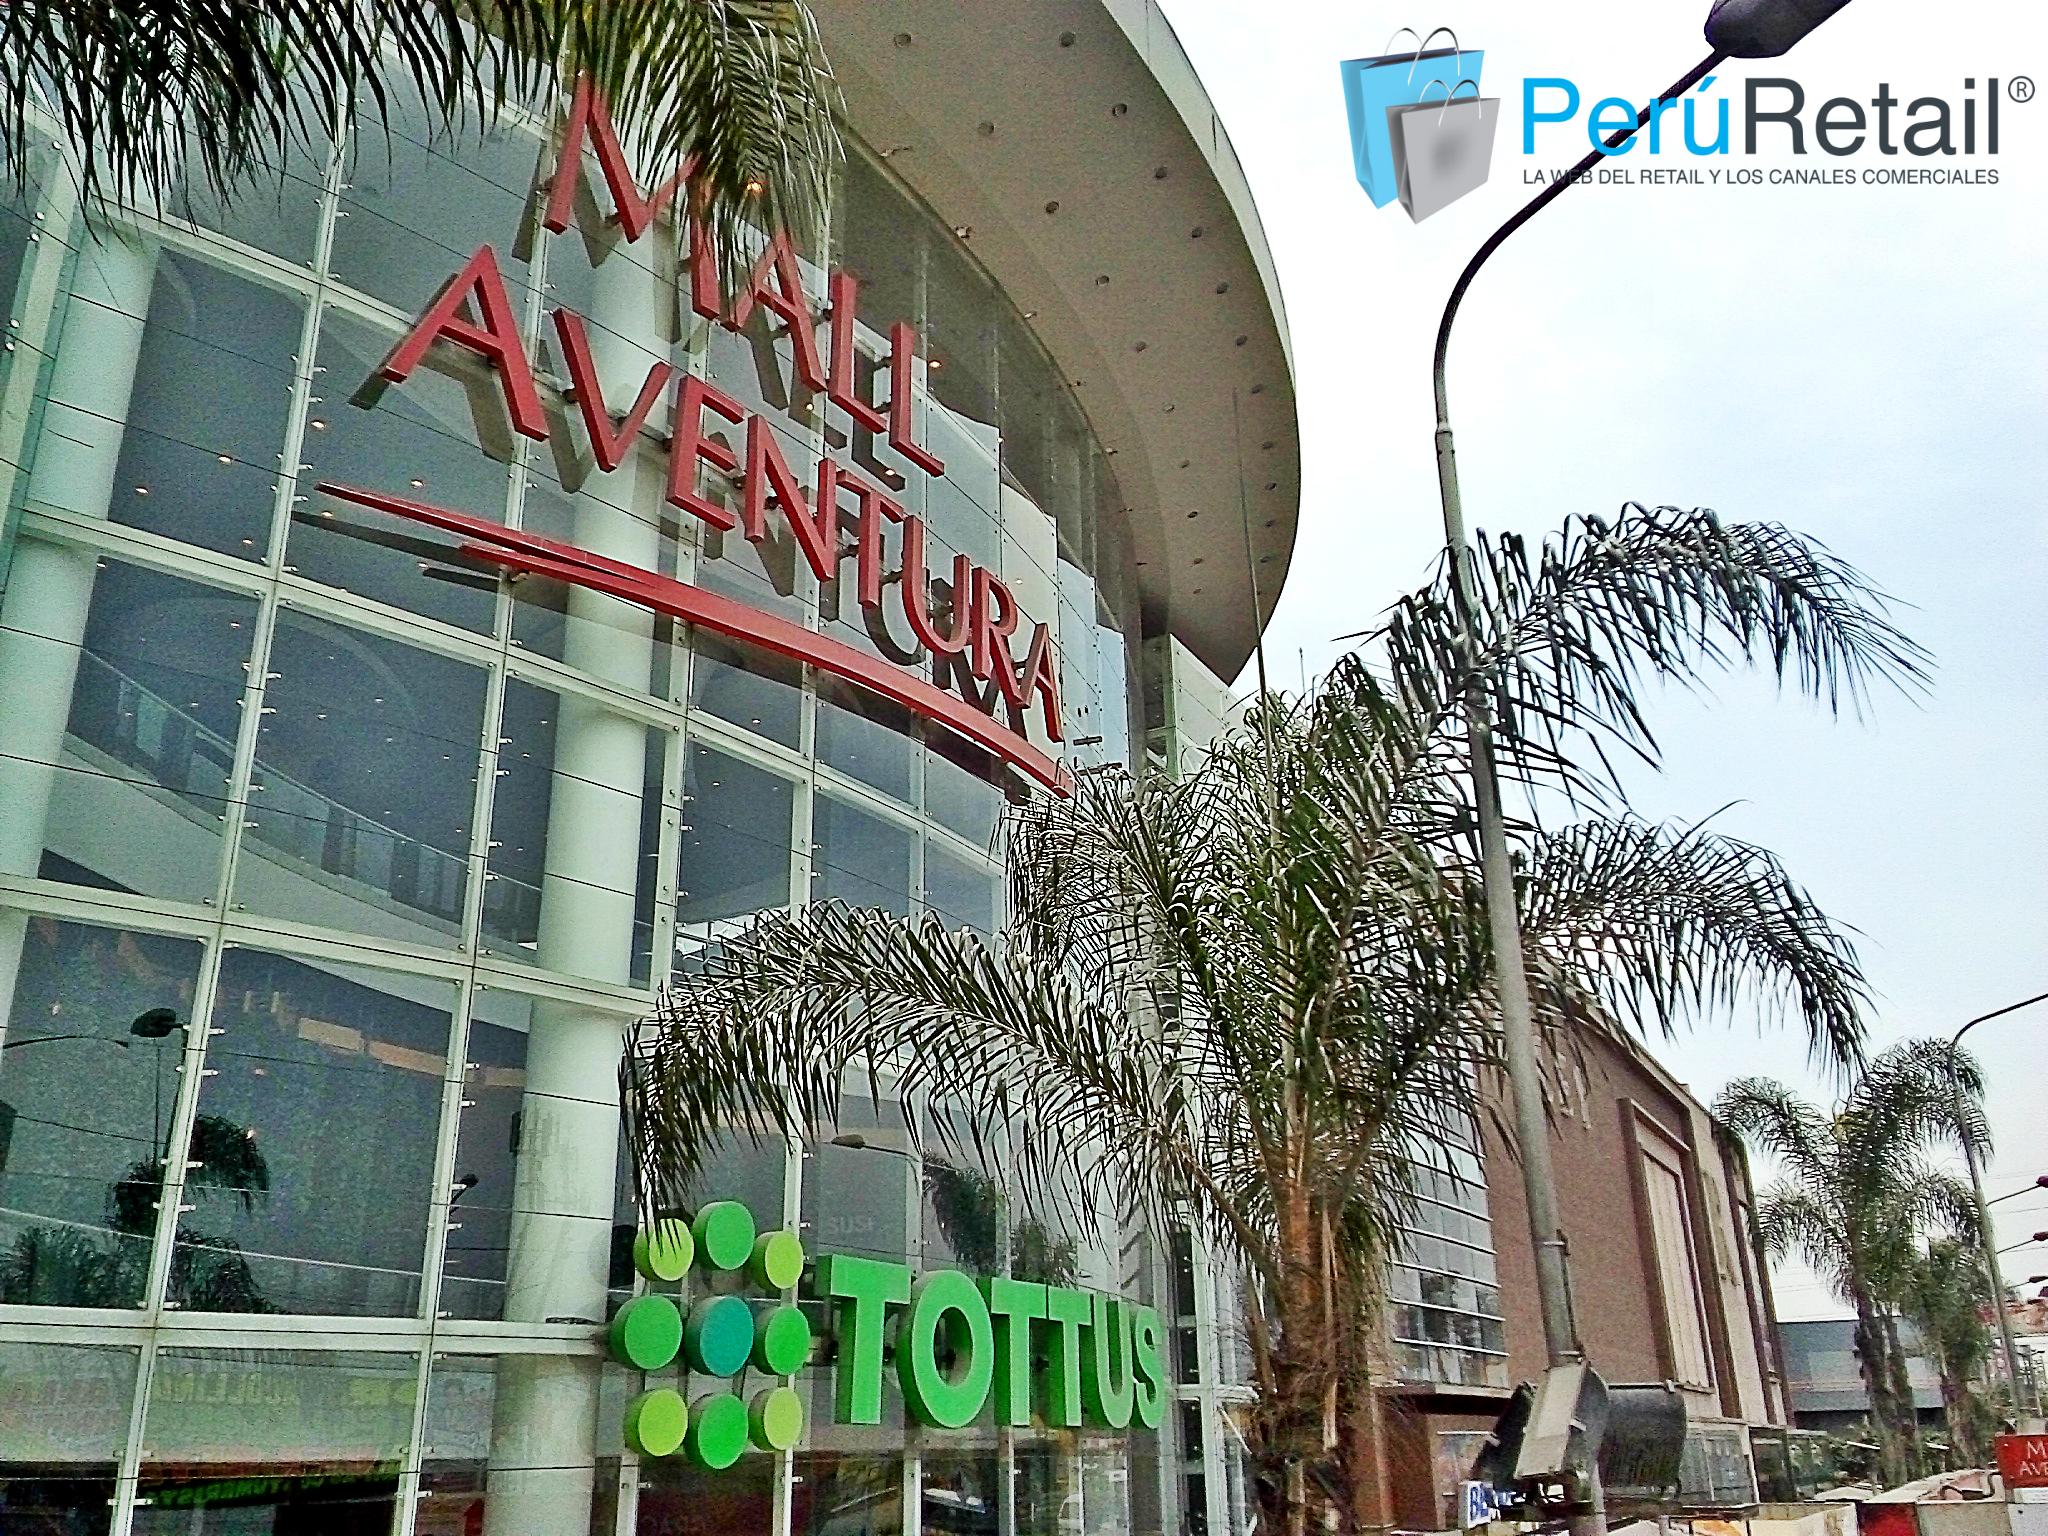 Mall Aventura Peru Retail - Mall Aventura pone fecha oficial de apertura de sus recintos en Iquitos y San Juan de Lurigancho